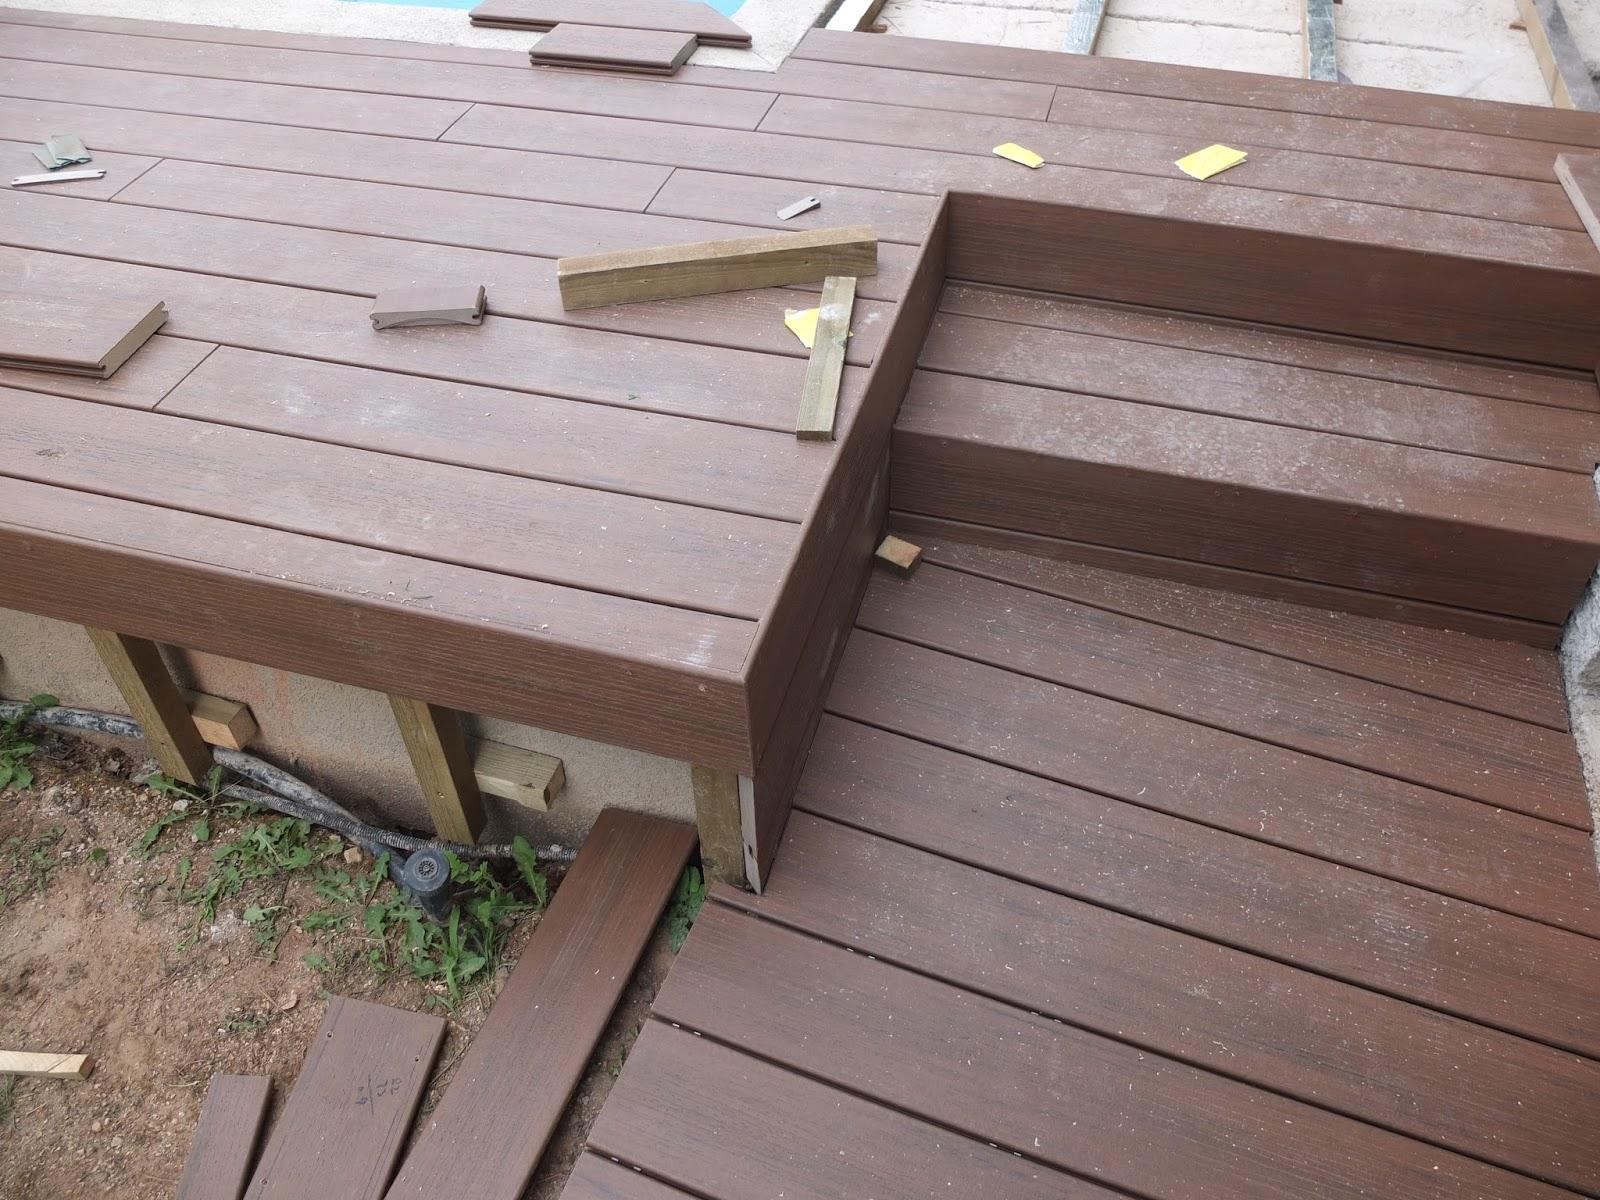 Opemho sl piscina con suelo de madera sintetica y valla - Suelo de madera ...